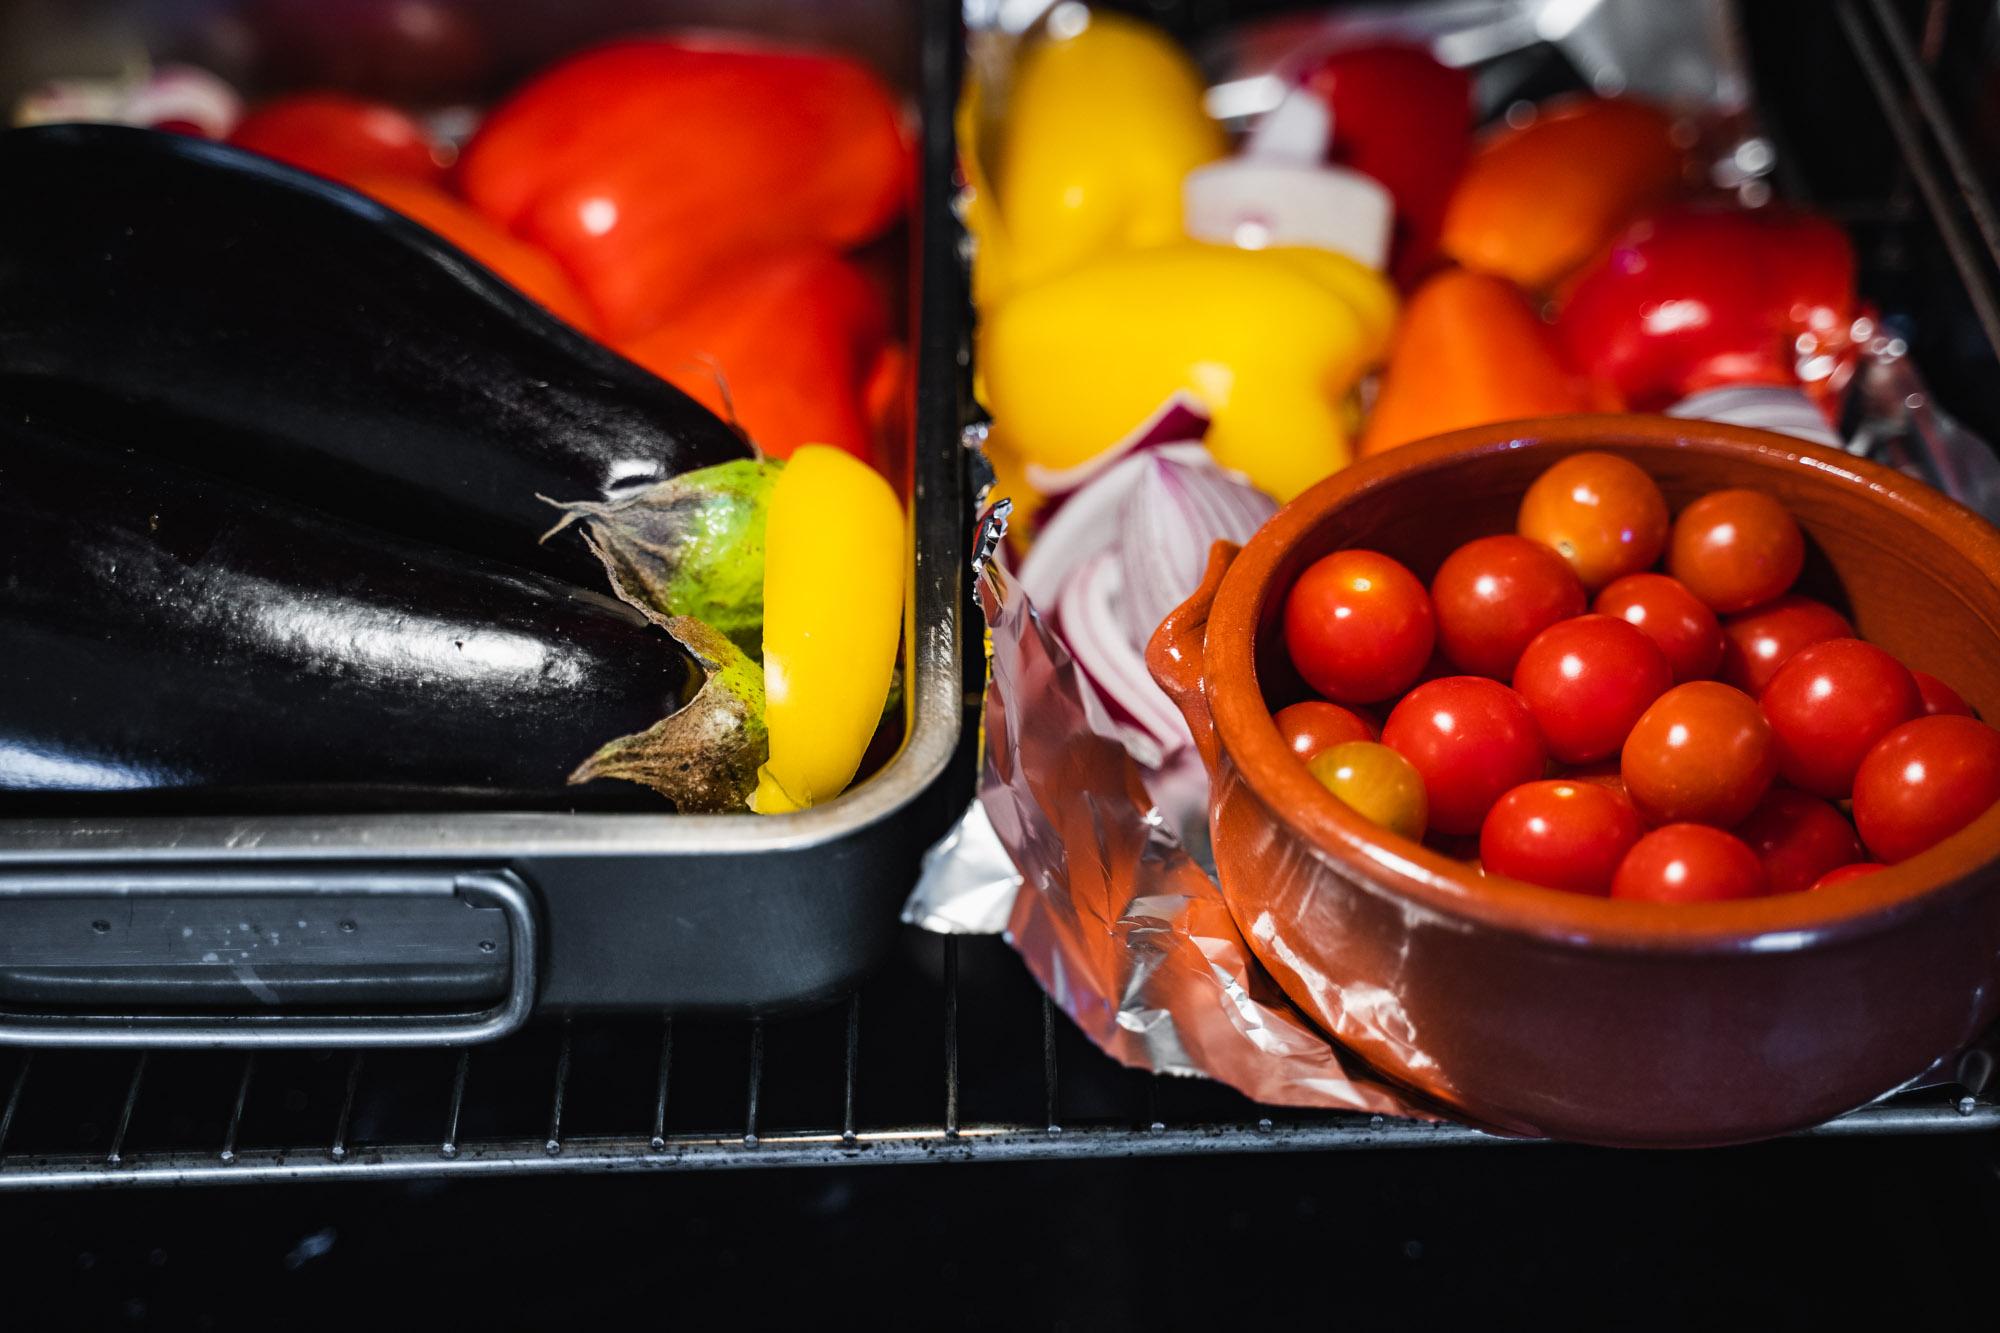 Aubergine, peberfrugt og løg bages i ovnen